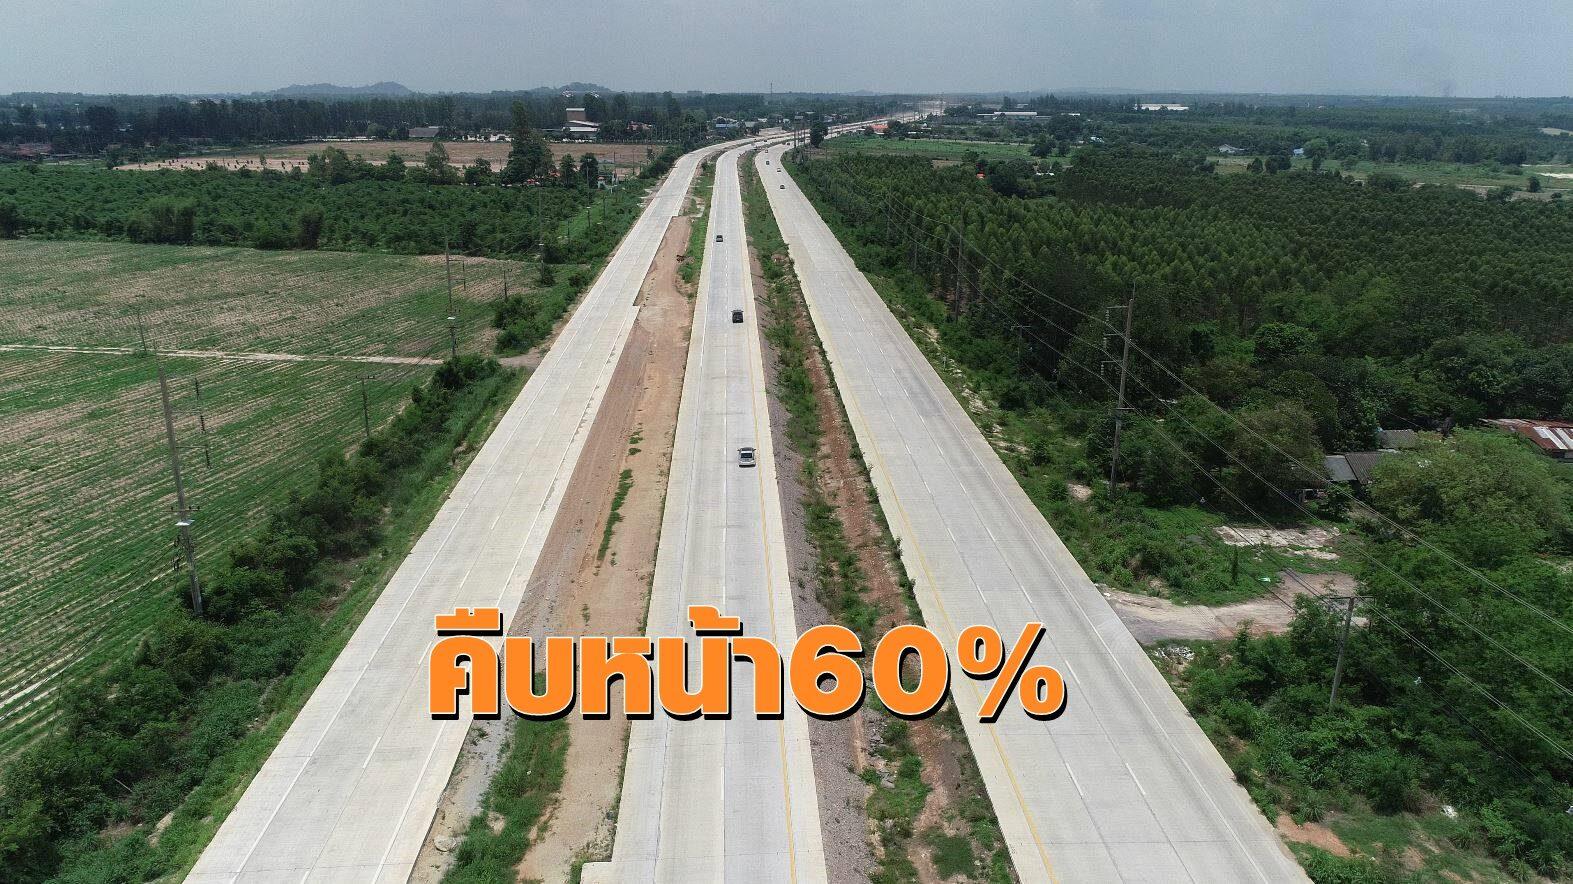 กรมทางหลวง เร่งเดินหน้าขยายถนนสายฉะเชิงเทรา-ต.เขาหินซ้อน คืบหน้าแล้ว 60% เสร็จ ส.ค.65